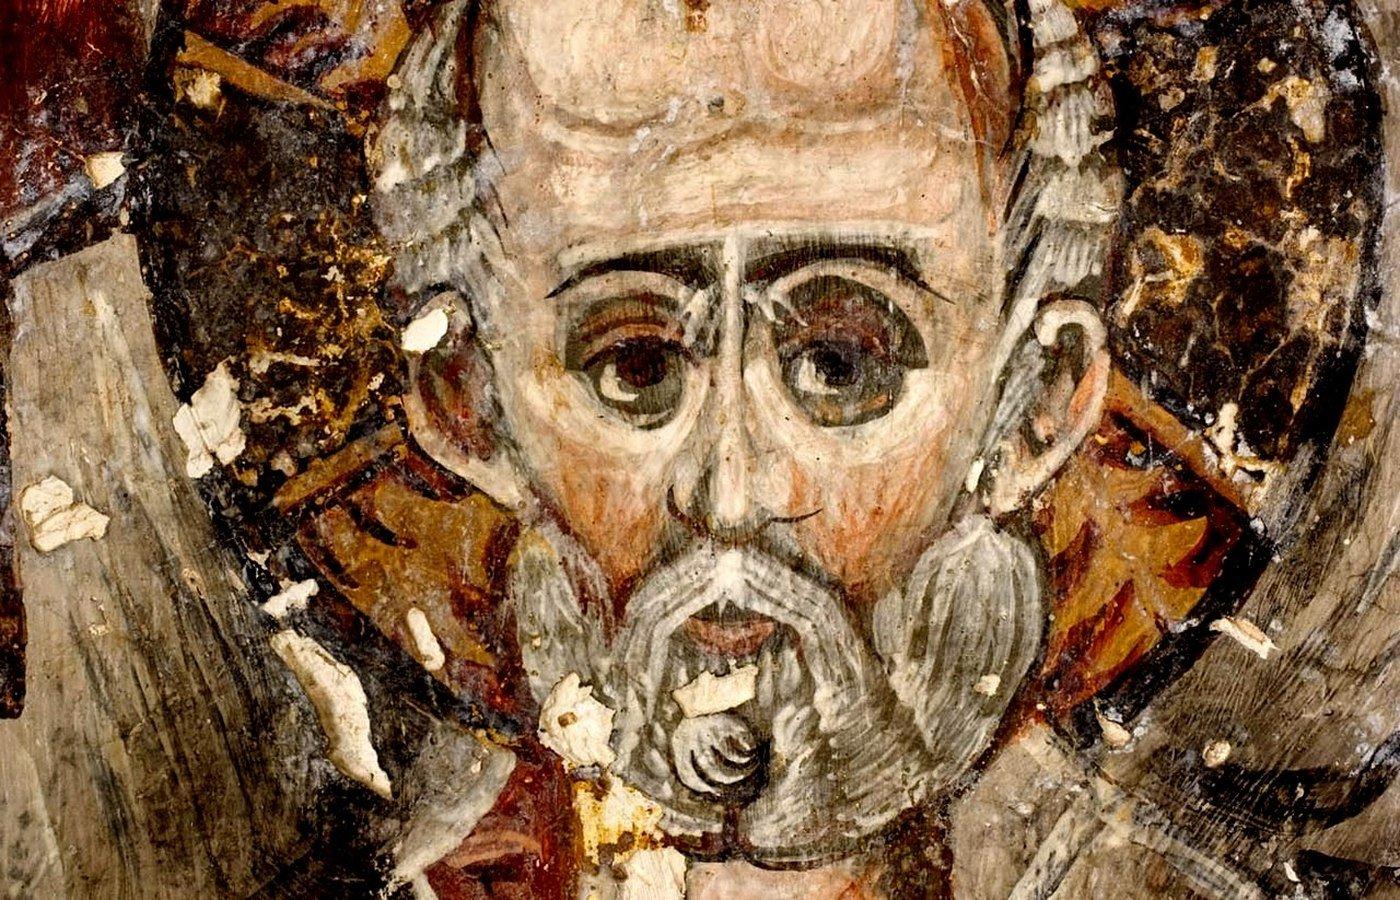 Святитель Николай, Архиепископ Мир Ликийских, Чудотворец. Сербская икона. Фрагмент.